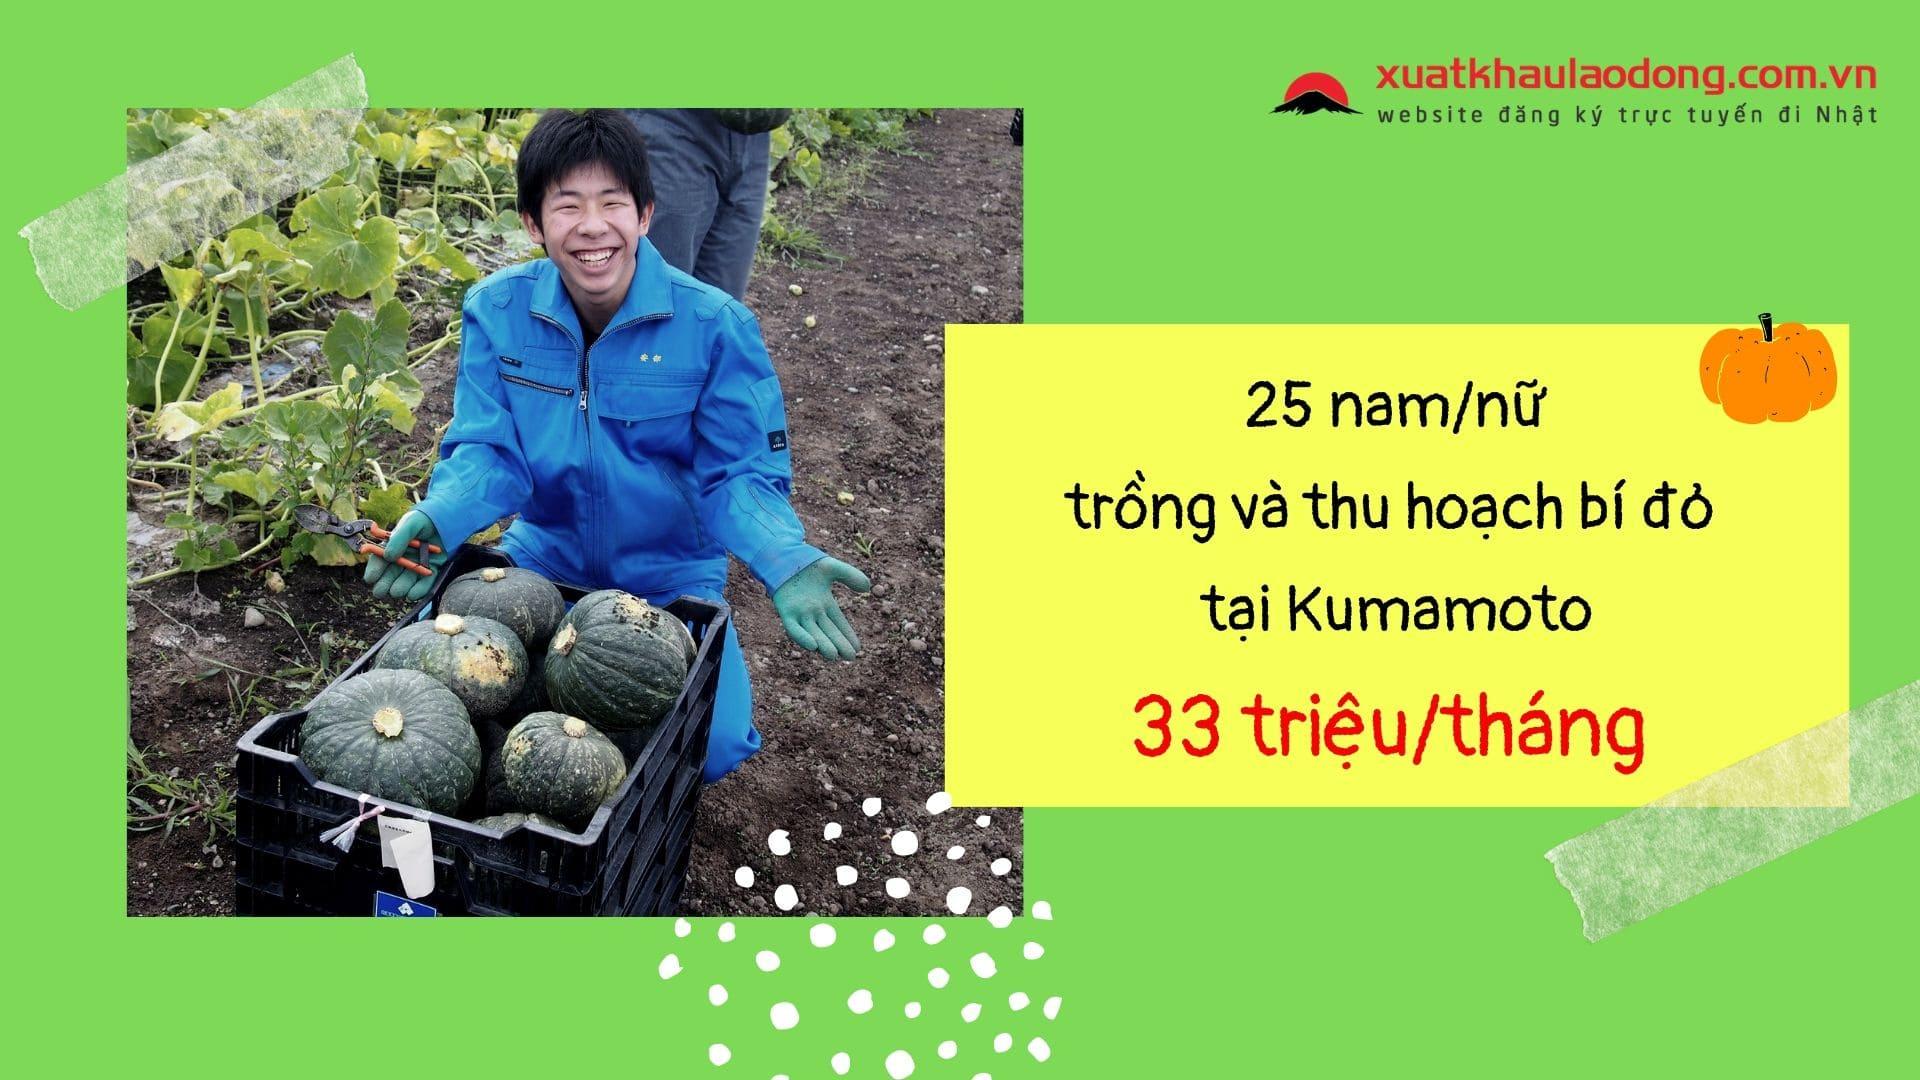 Đơn hàng 25 nam/nữ thu hoạch bí đỏ PHÍ THẤP tại Kumamoto, Nhật Bản